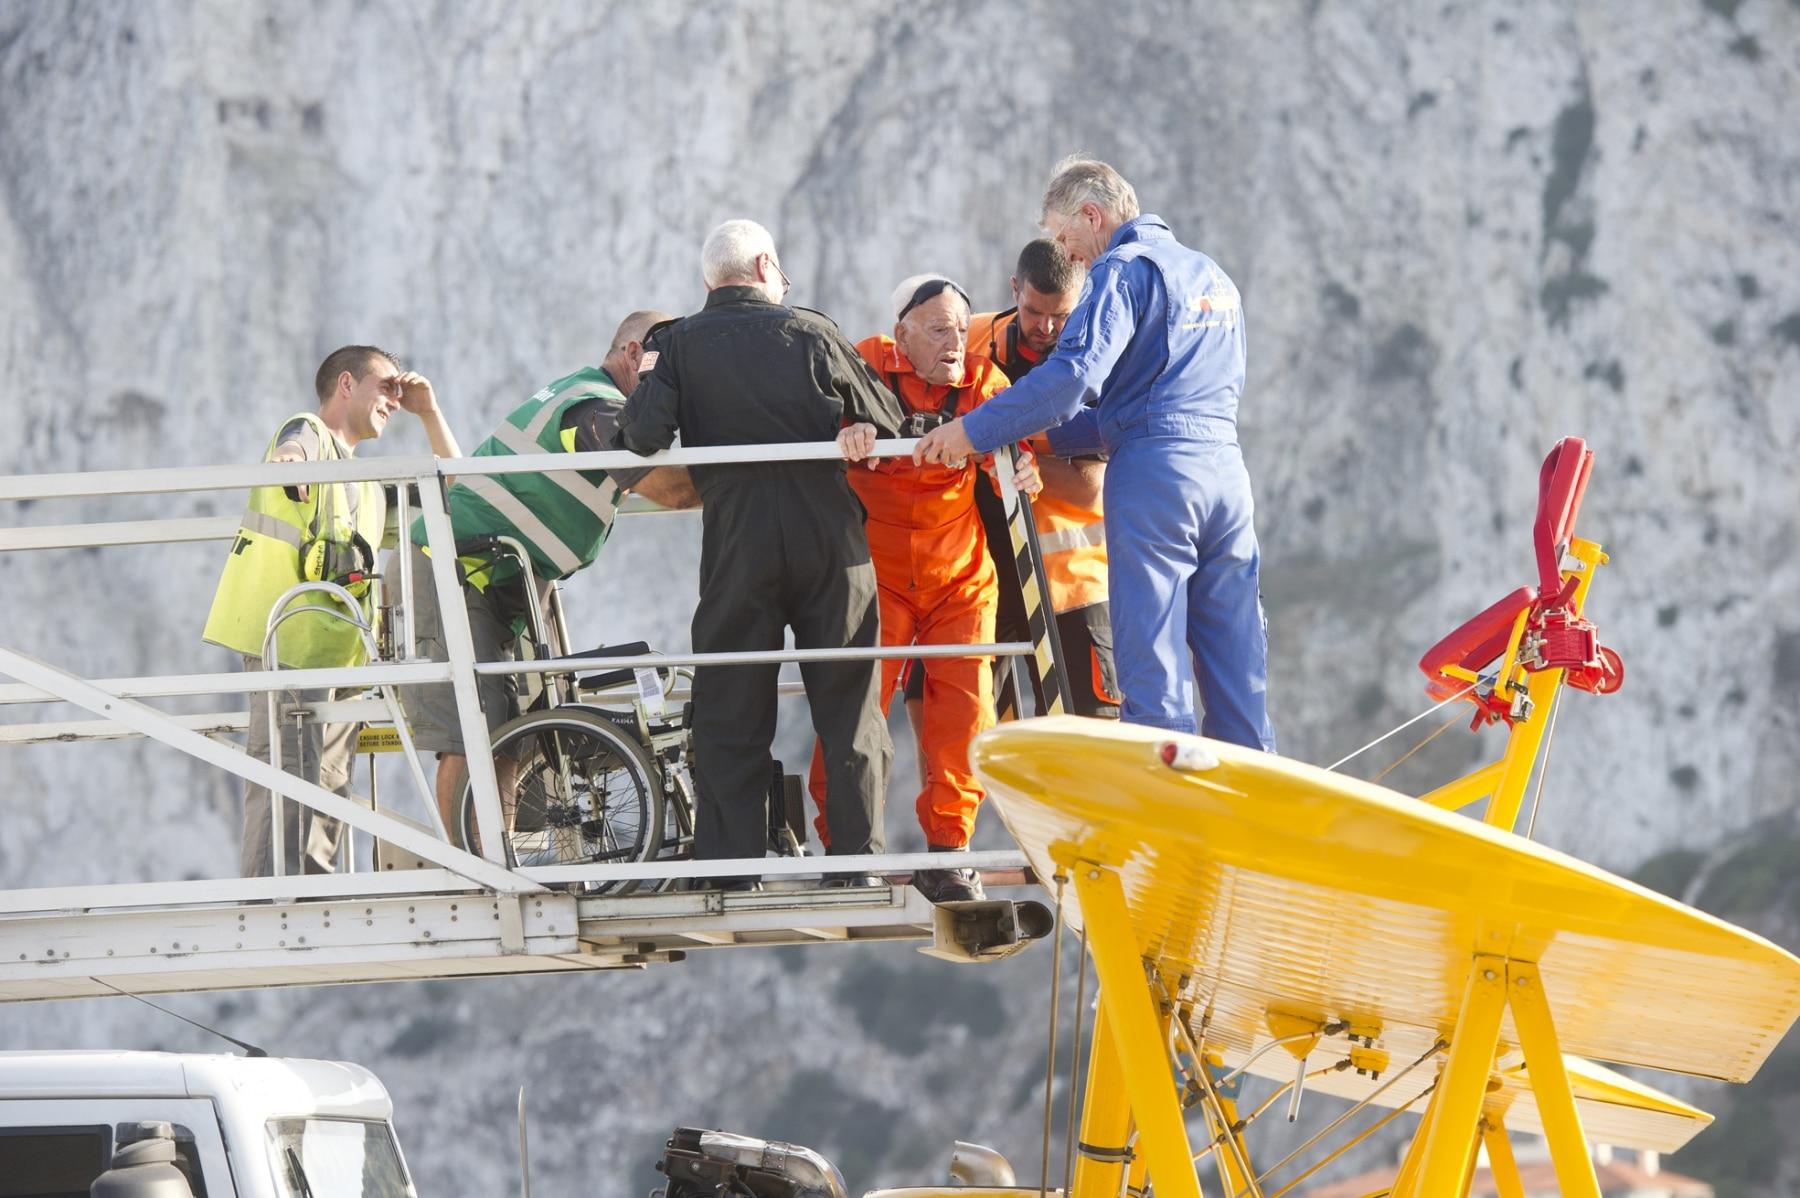 tom-lackey-acrobata-aereo-de-94-anos-en-gibraltar-10102014-21_15516252835_o